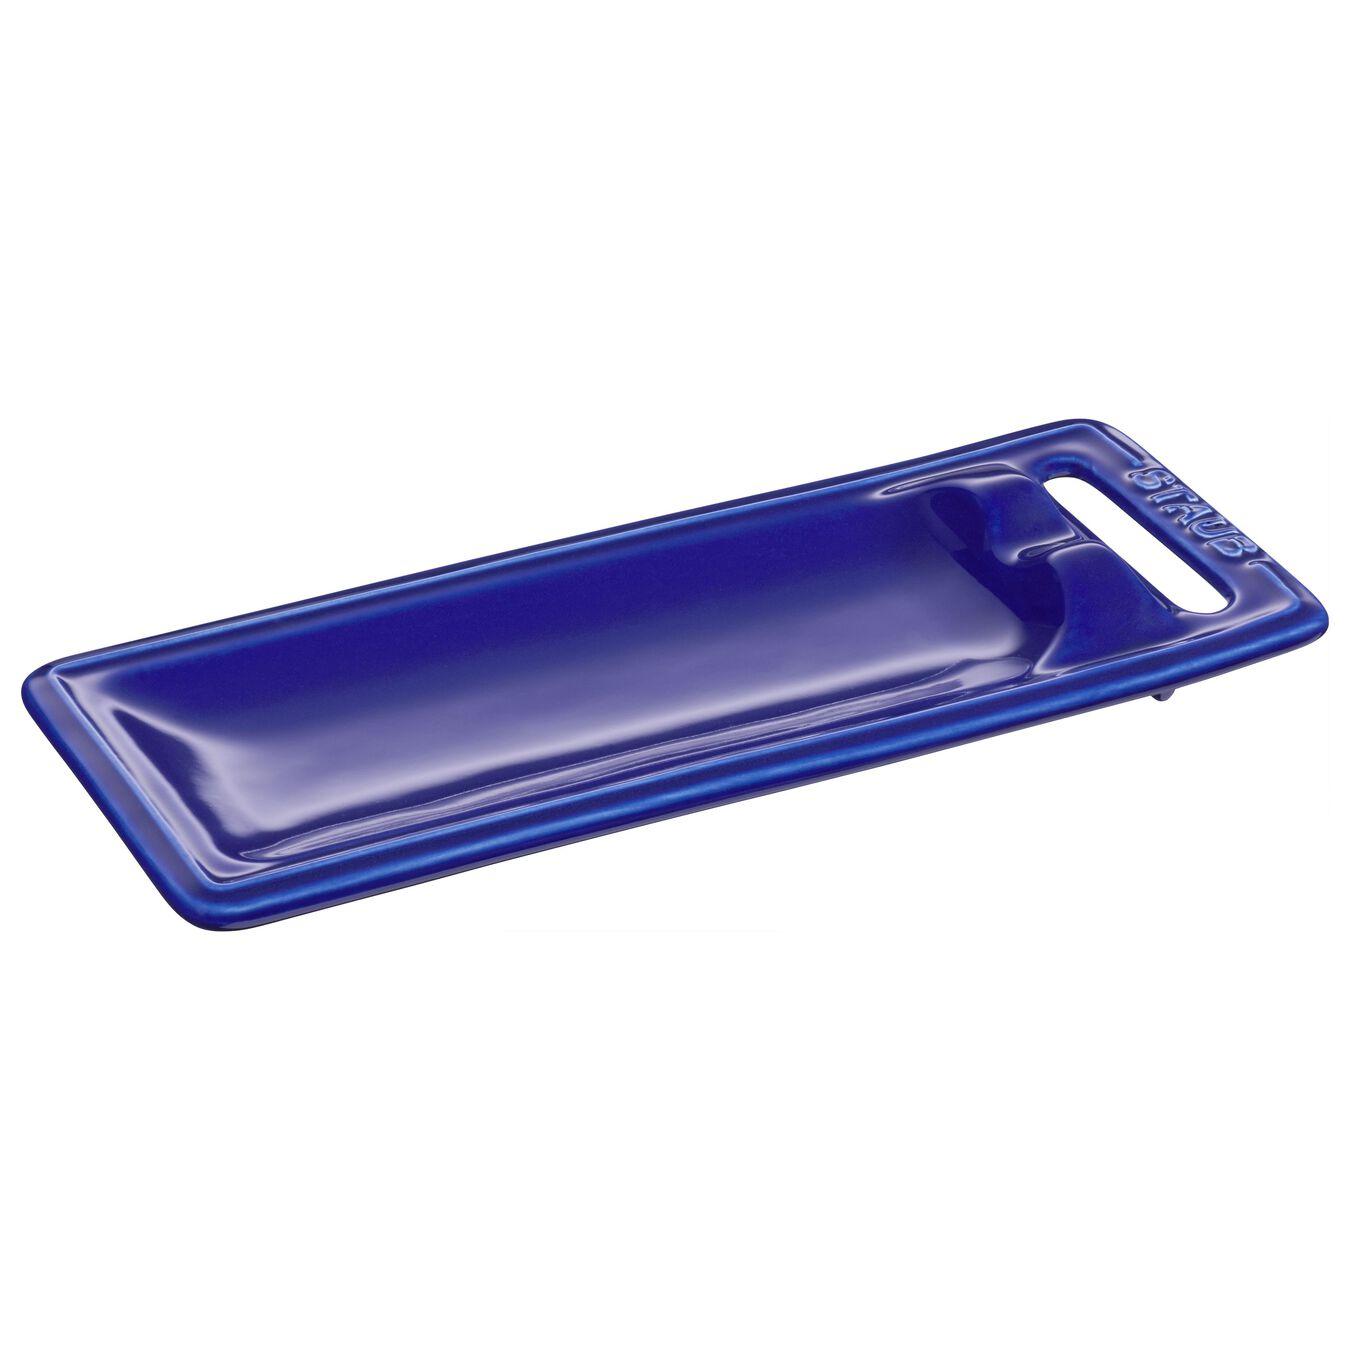 25 cm x 10 cm Ceramic Spoon rest, Dark-Blue,,large 1